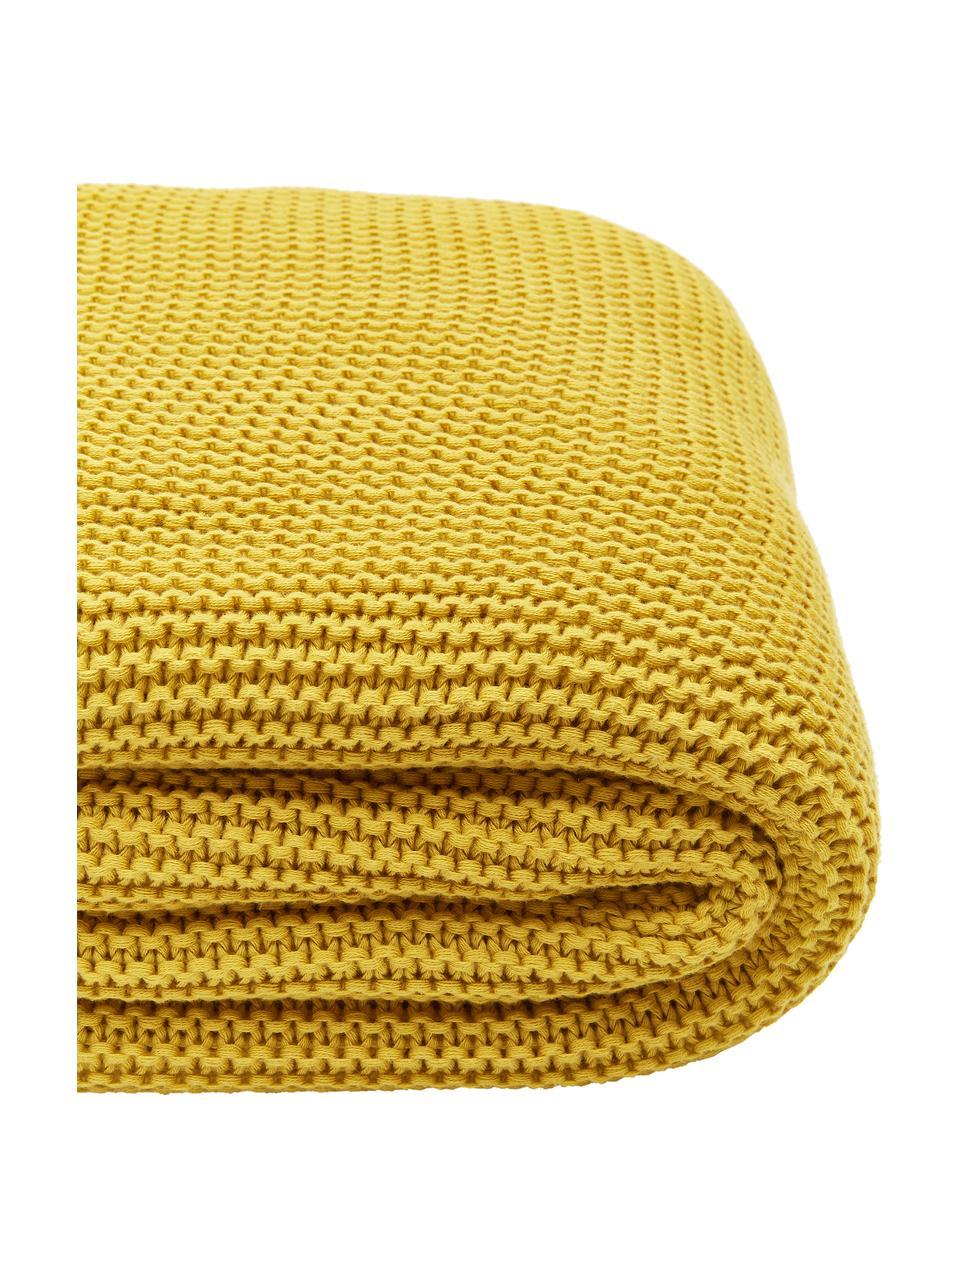 Plaid fatto a maglia in cotone biologico color giallo senape Adalyn, 100% cotone biologico, certificato GOTS, Giallo, Larg. 150 x Lung. 200 cm